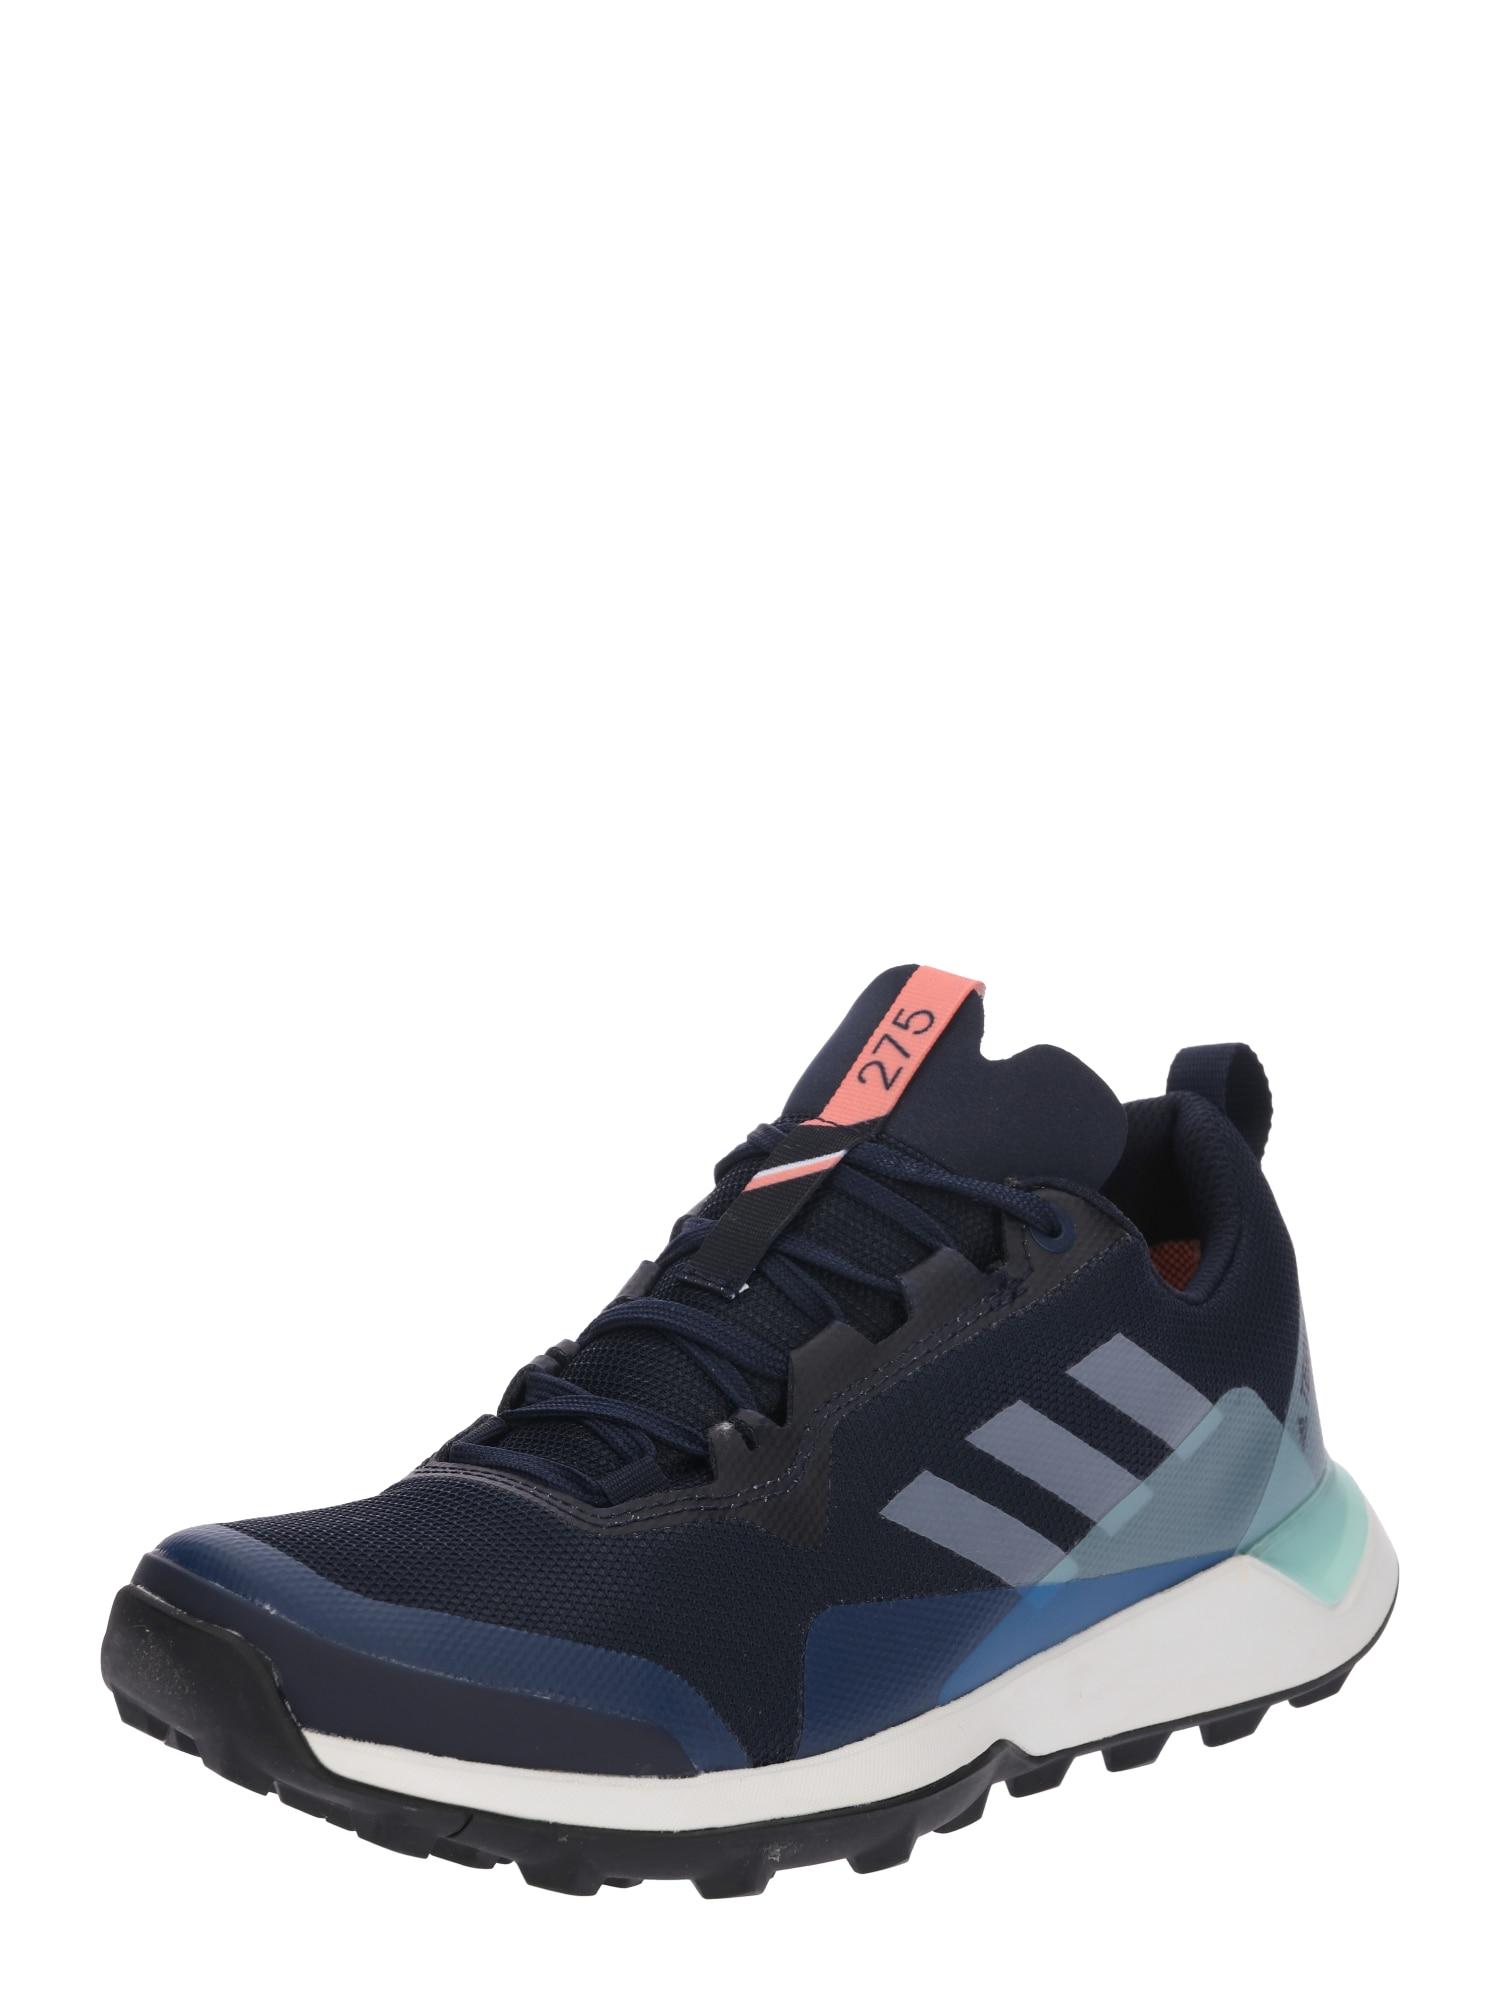 Sportovní boty TERREX GT tmavě modrá ADIDAS PERFORMANCE